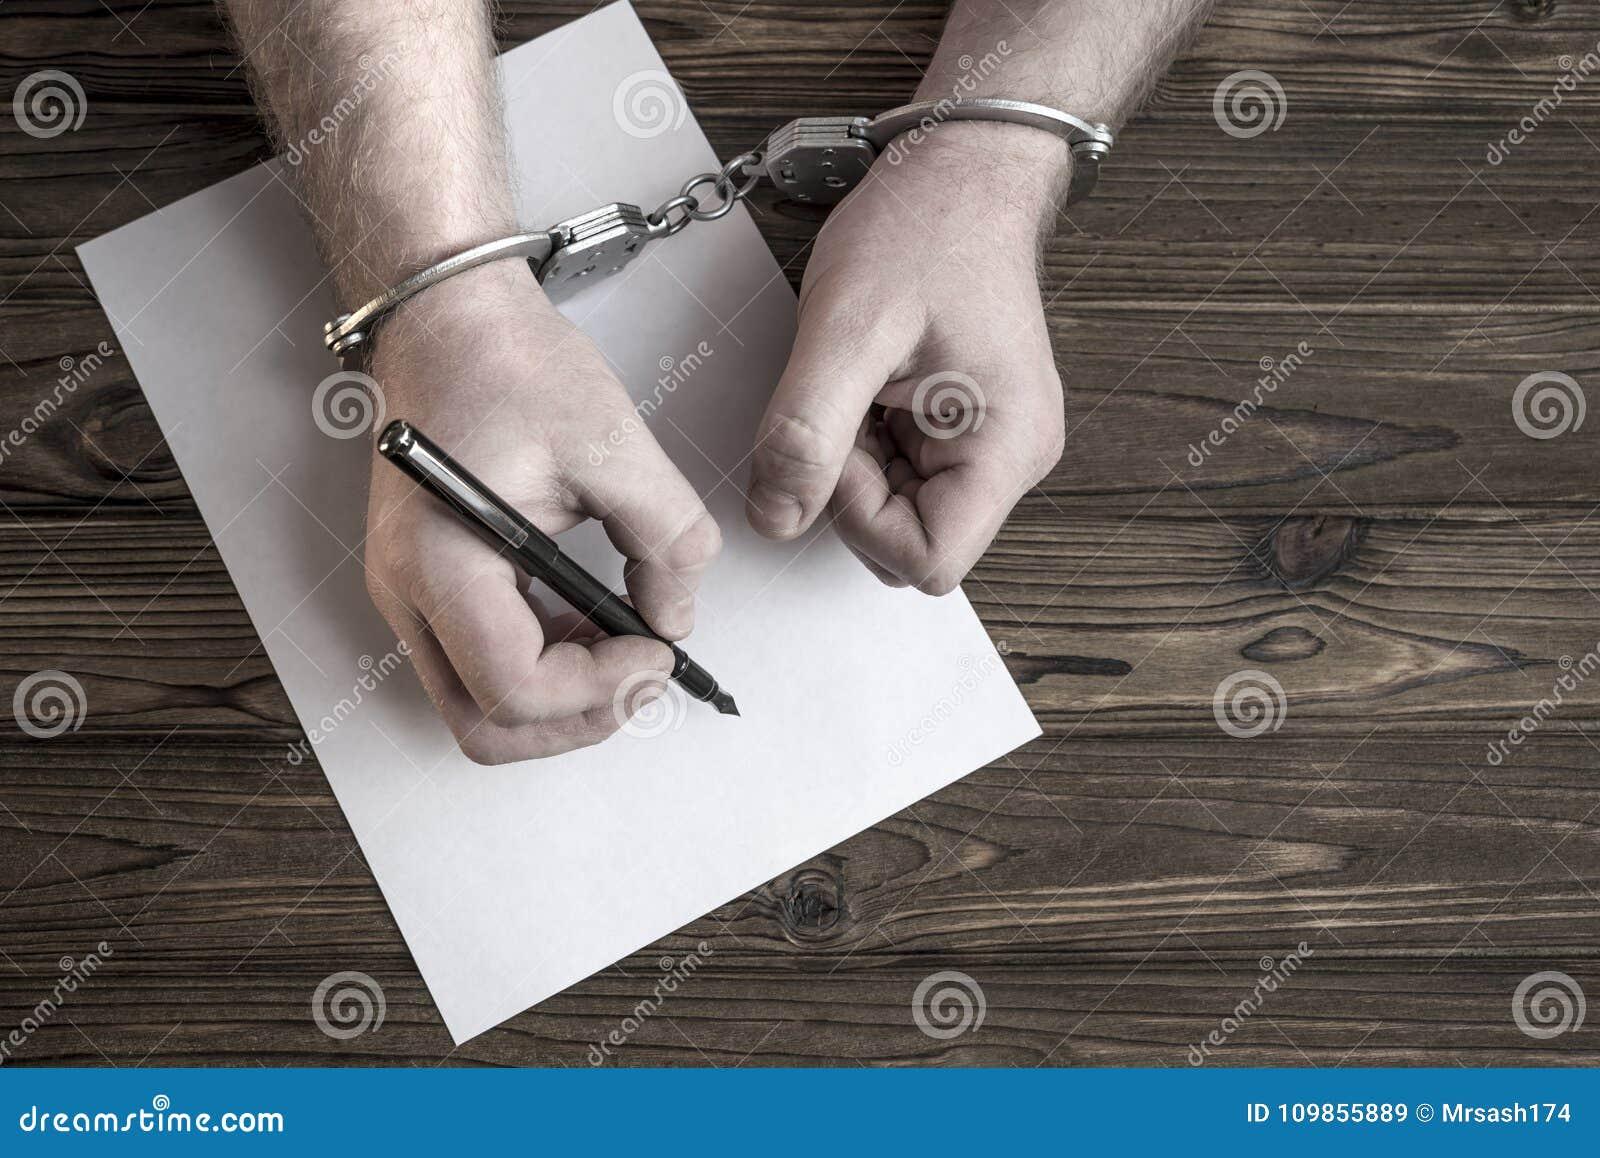 Παραδίδει τις χειροπέδες γράφει μια συγκέντρωση στο υπόβαθρο ενός ξύλινου πίνακα